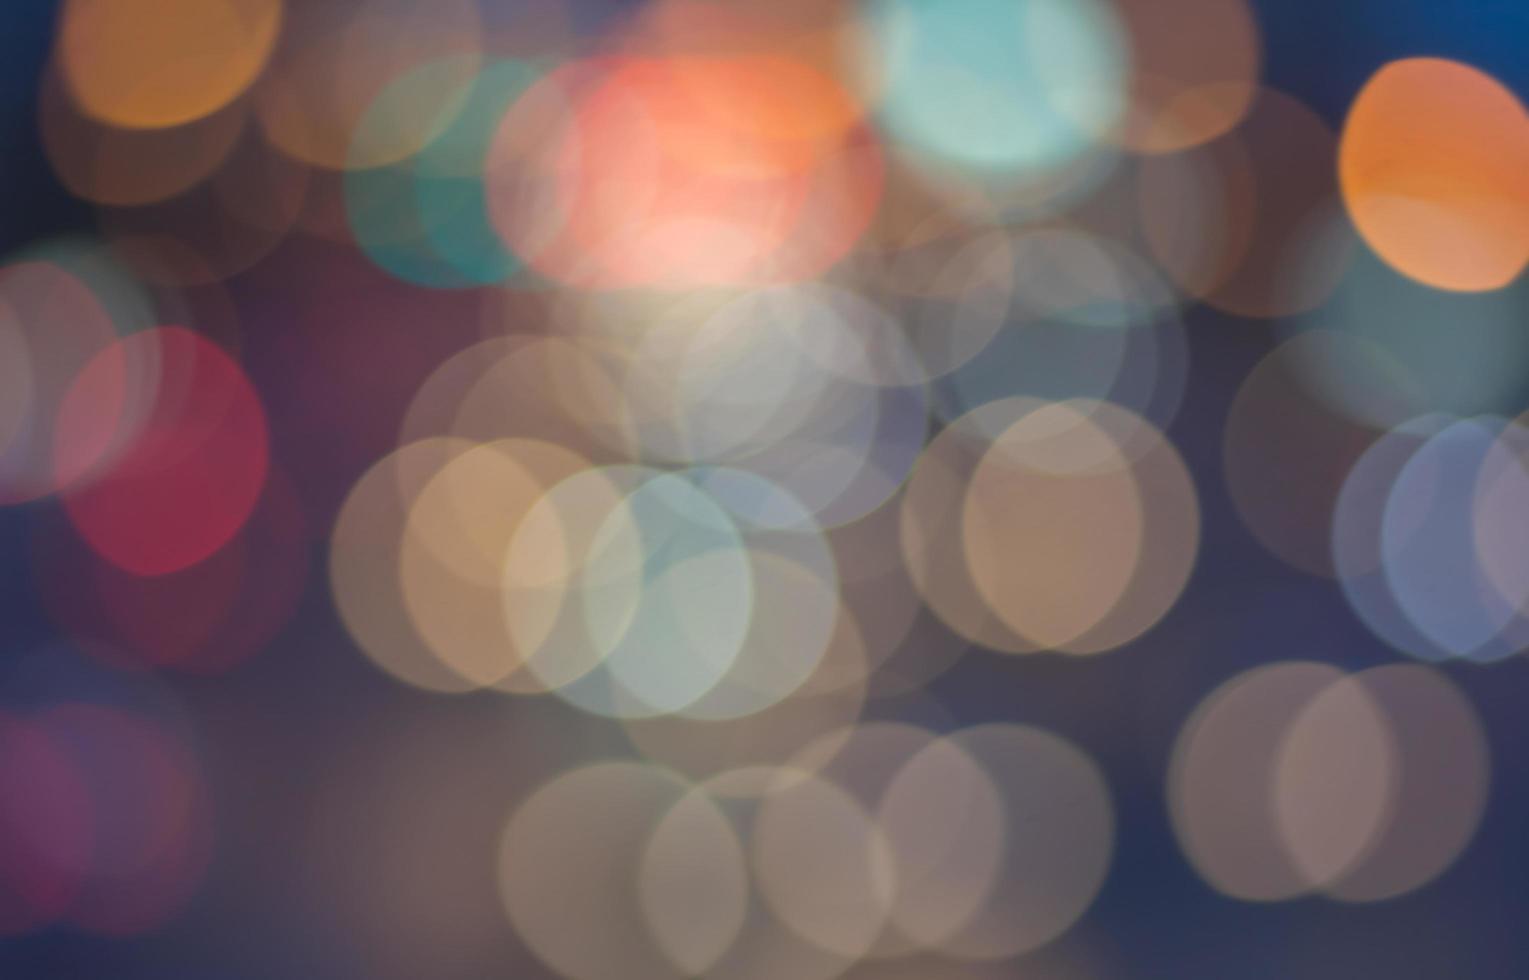 abstracte bokehlichten foto